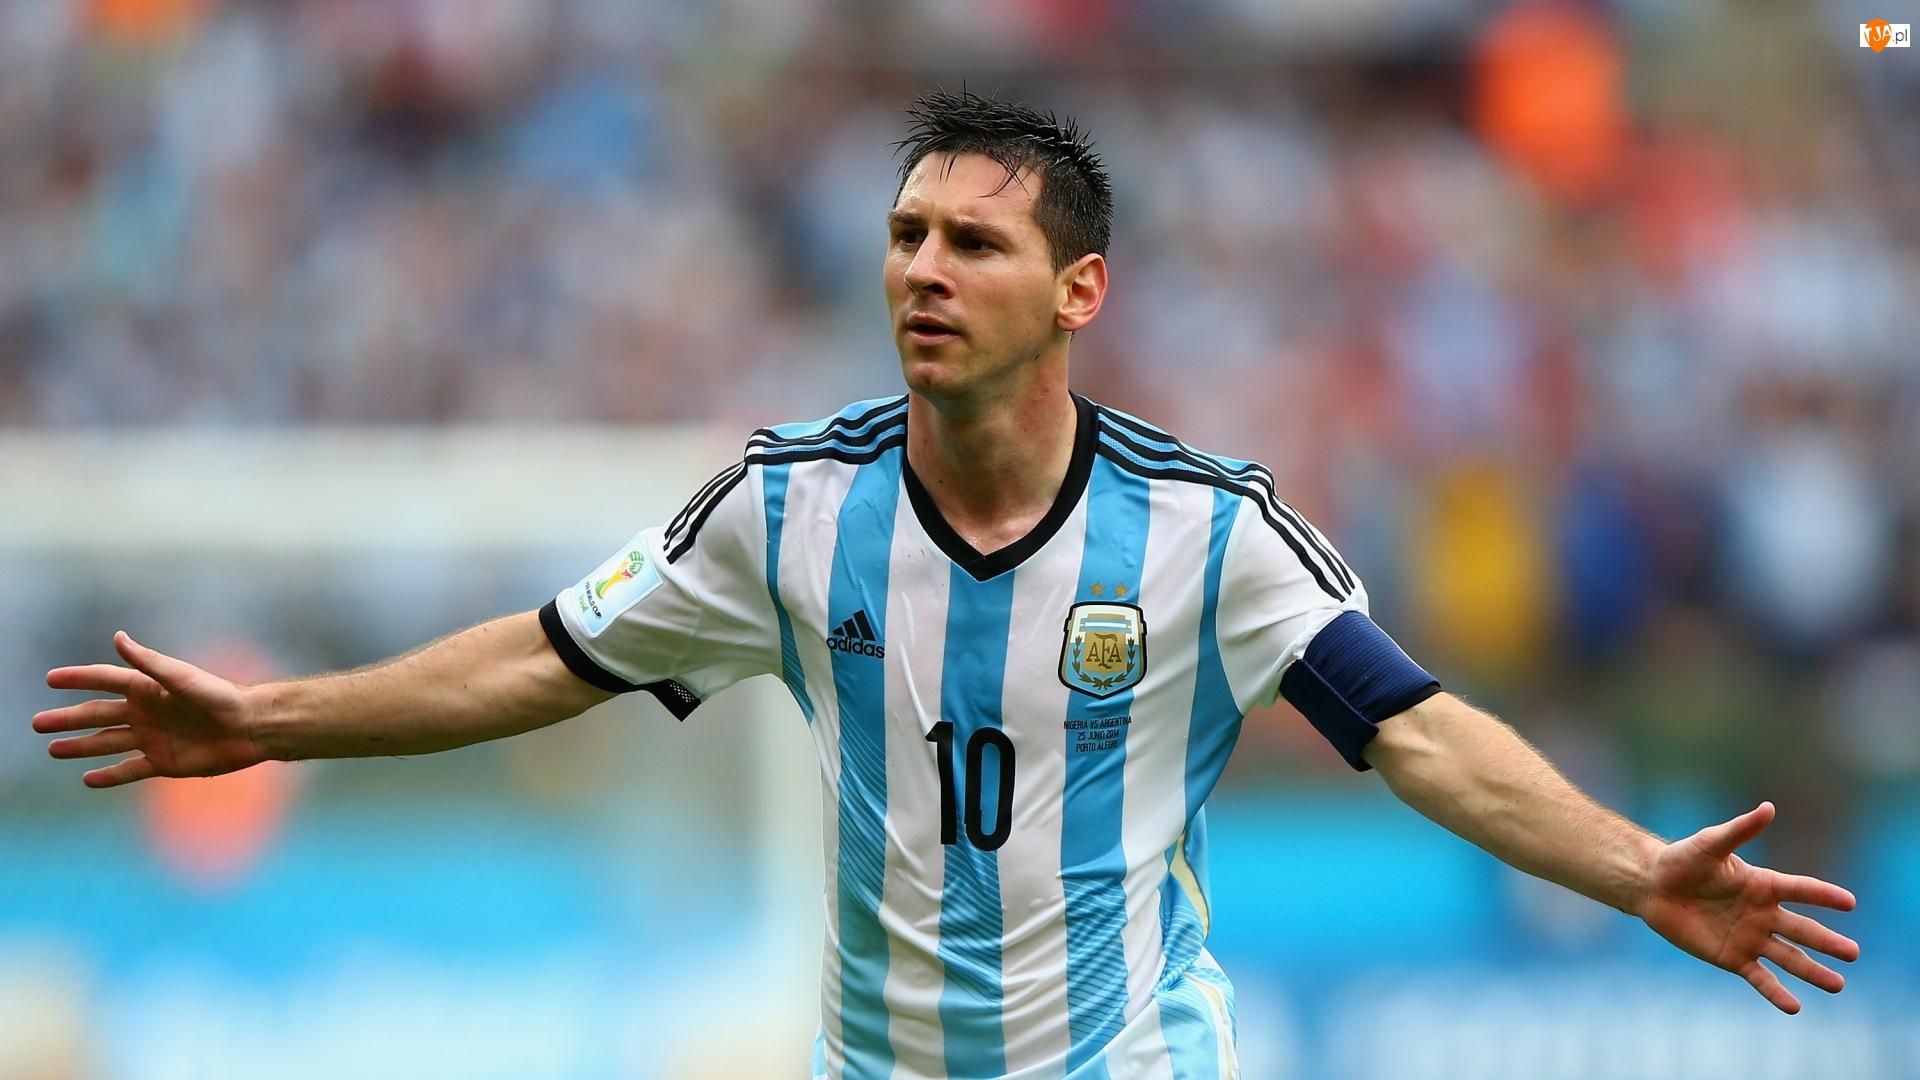 Piłkarz, Lionel Messi